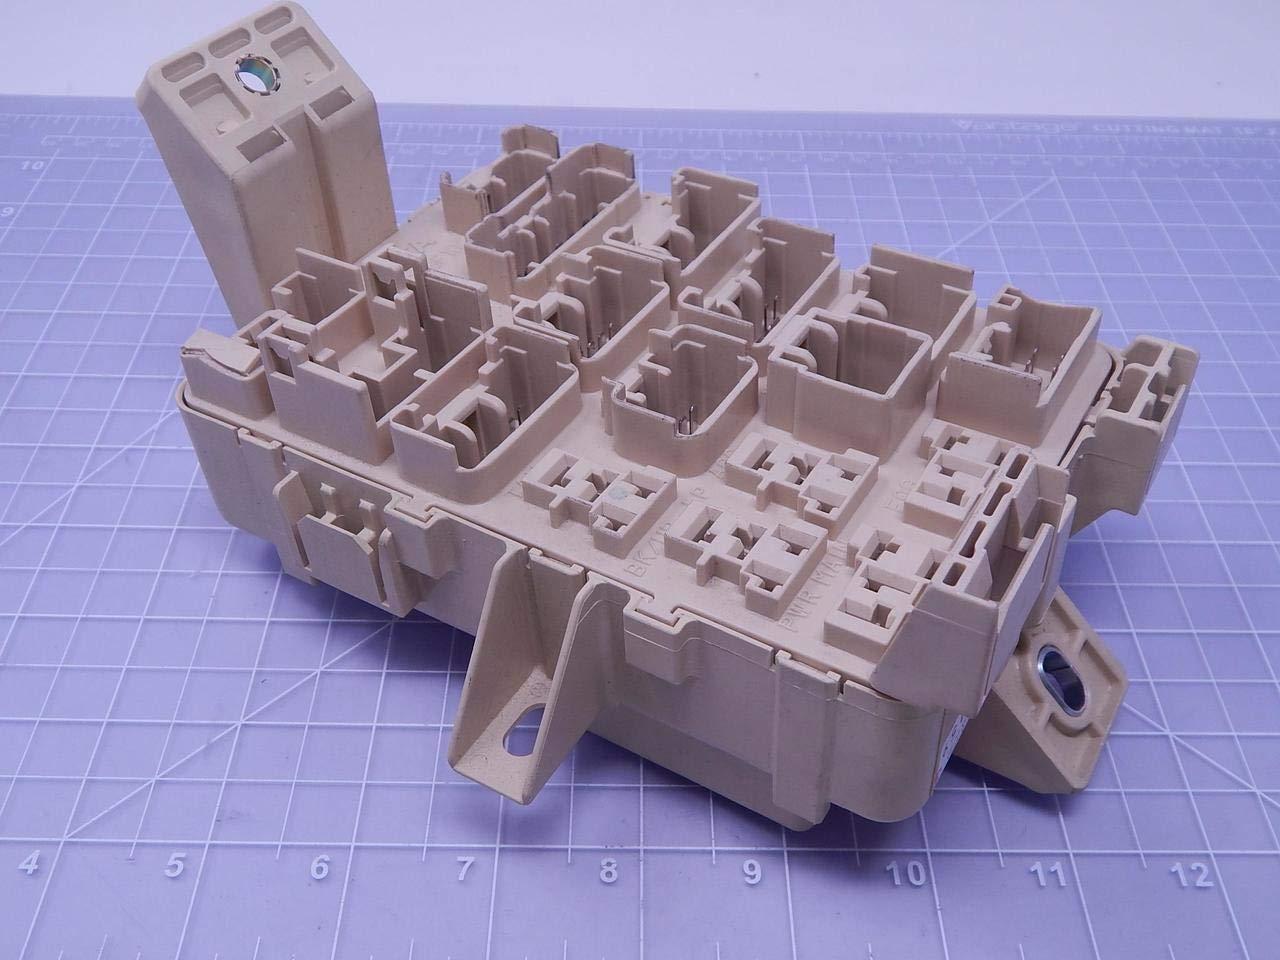 Xdalyslt Bene Didiausia Naudot Autodali Pasila Lietuvoje Search Industrial Fuse Box Amazoncom Toyota Pp T20 Gf10 Interior T106429